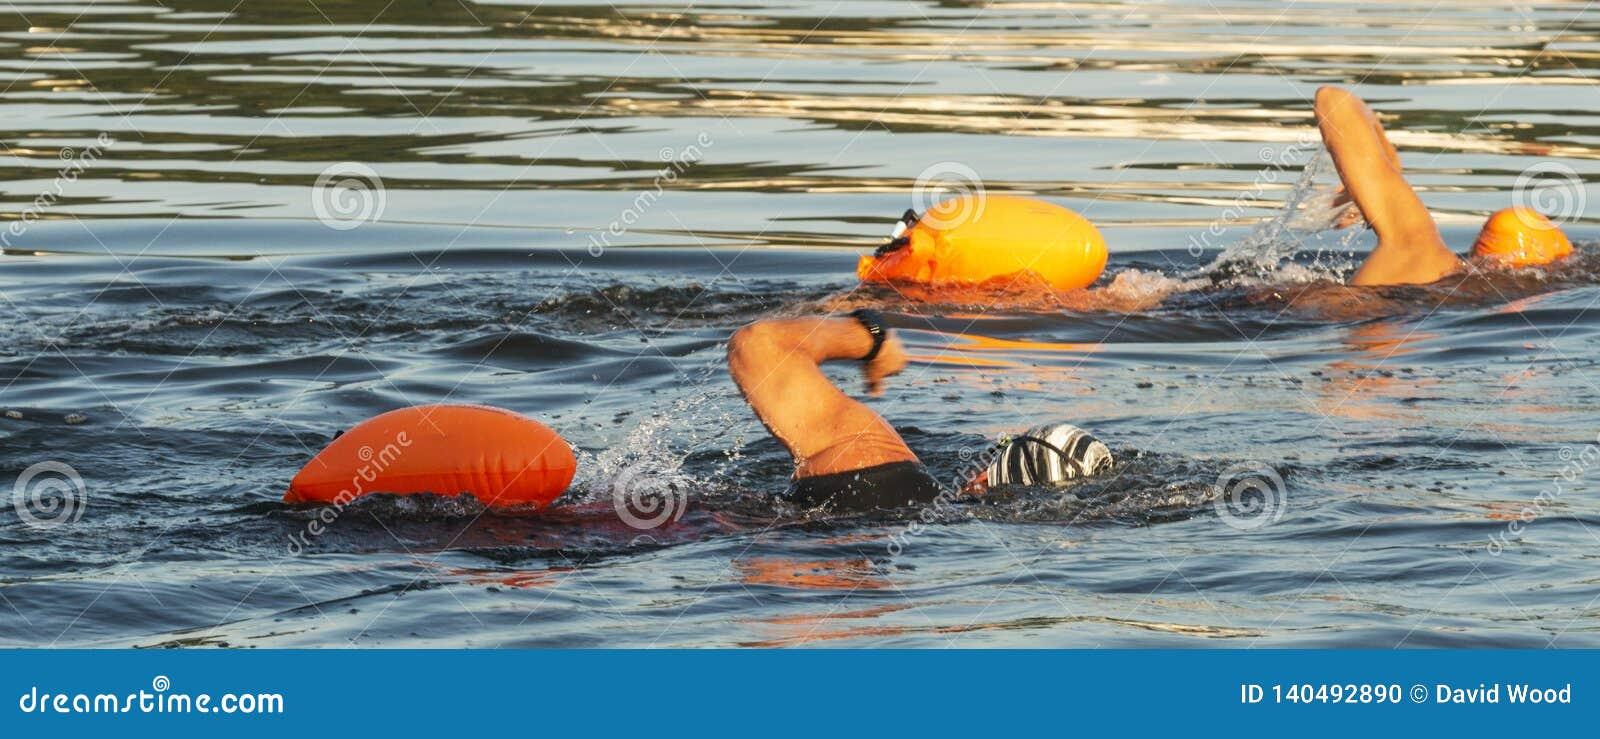 Zwei siedet mit orange Schwimmaufbereitung divices im Wasser